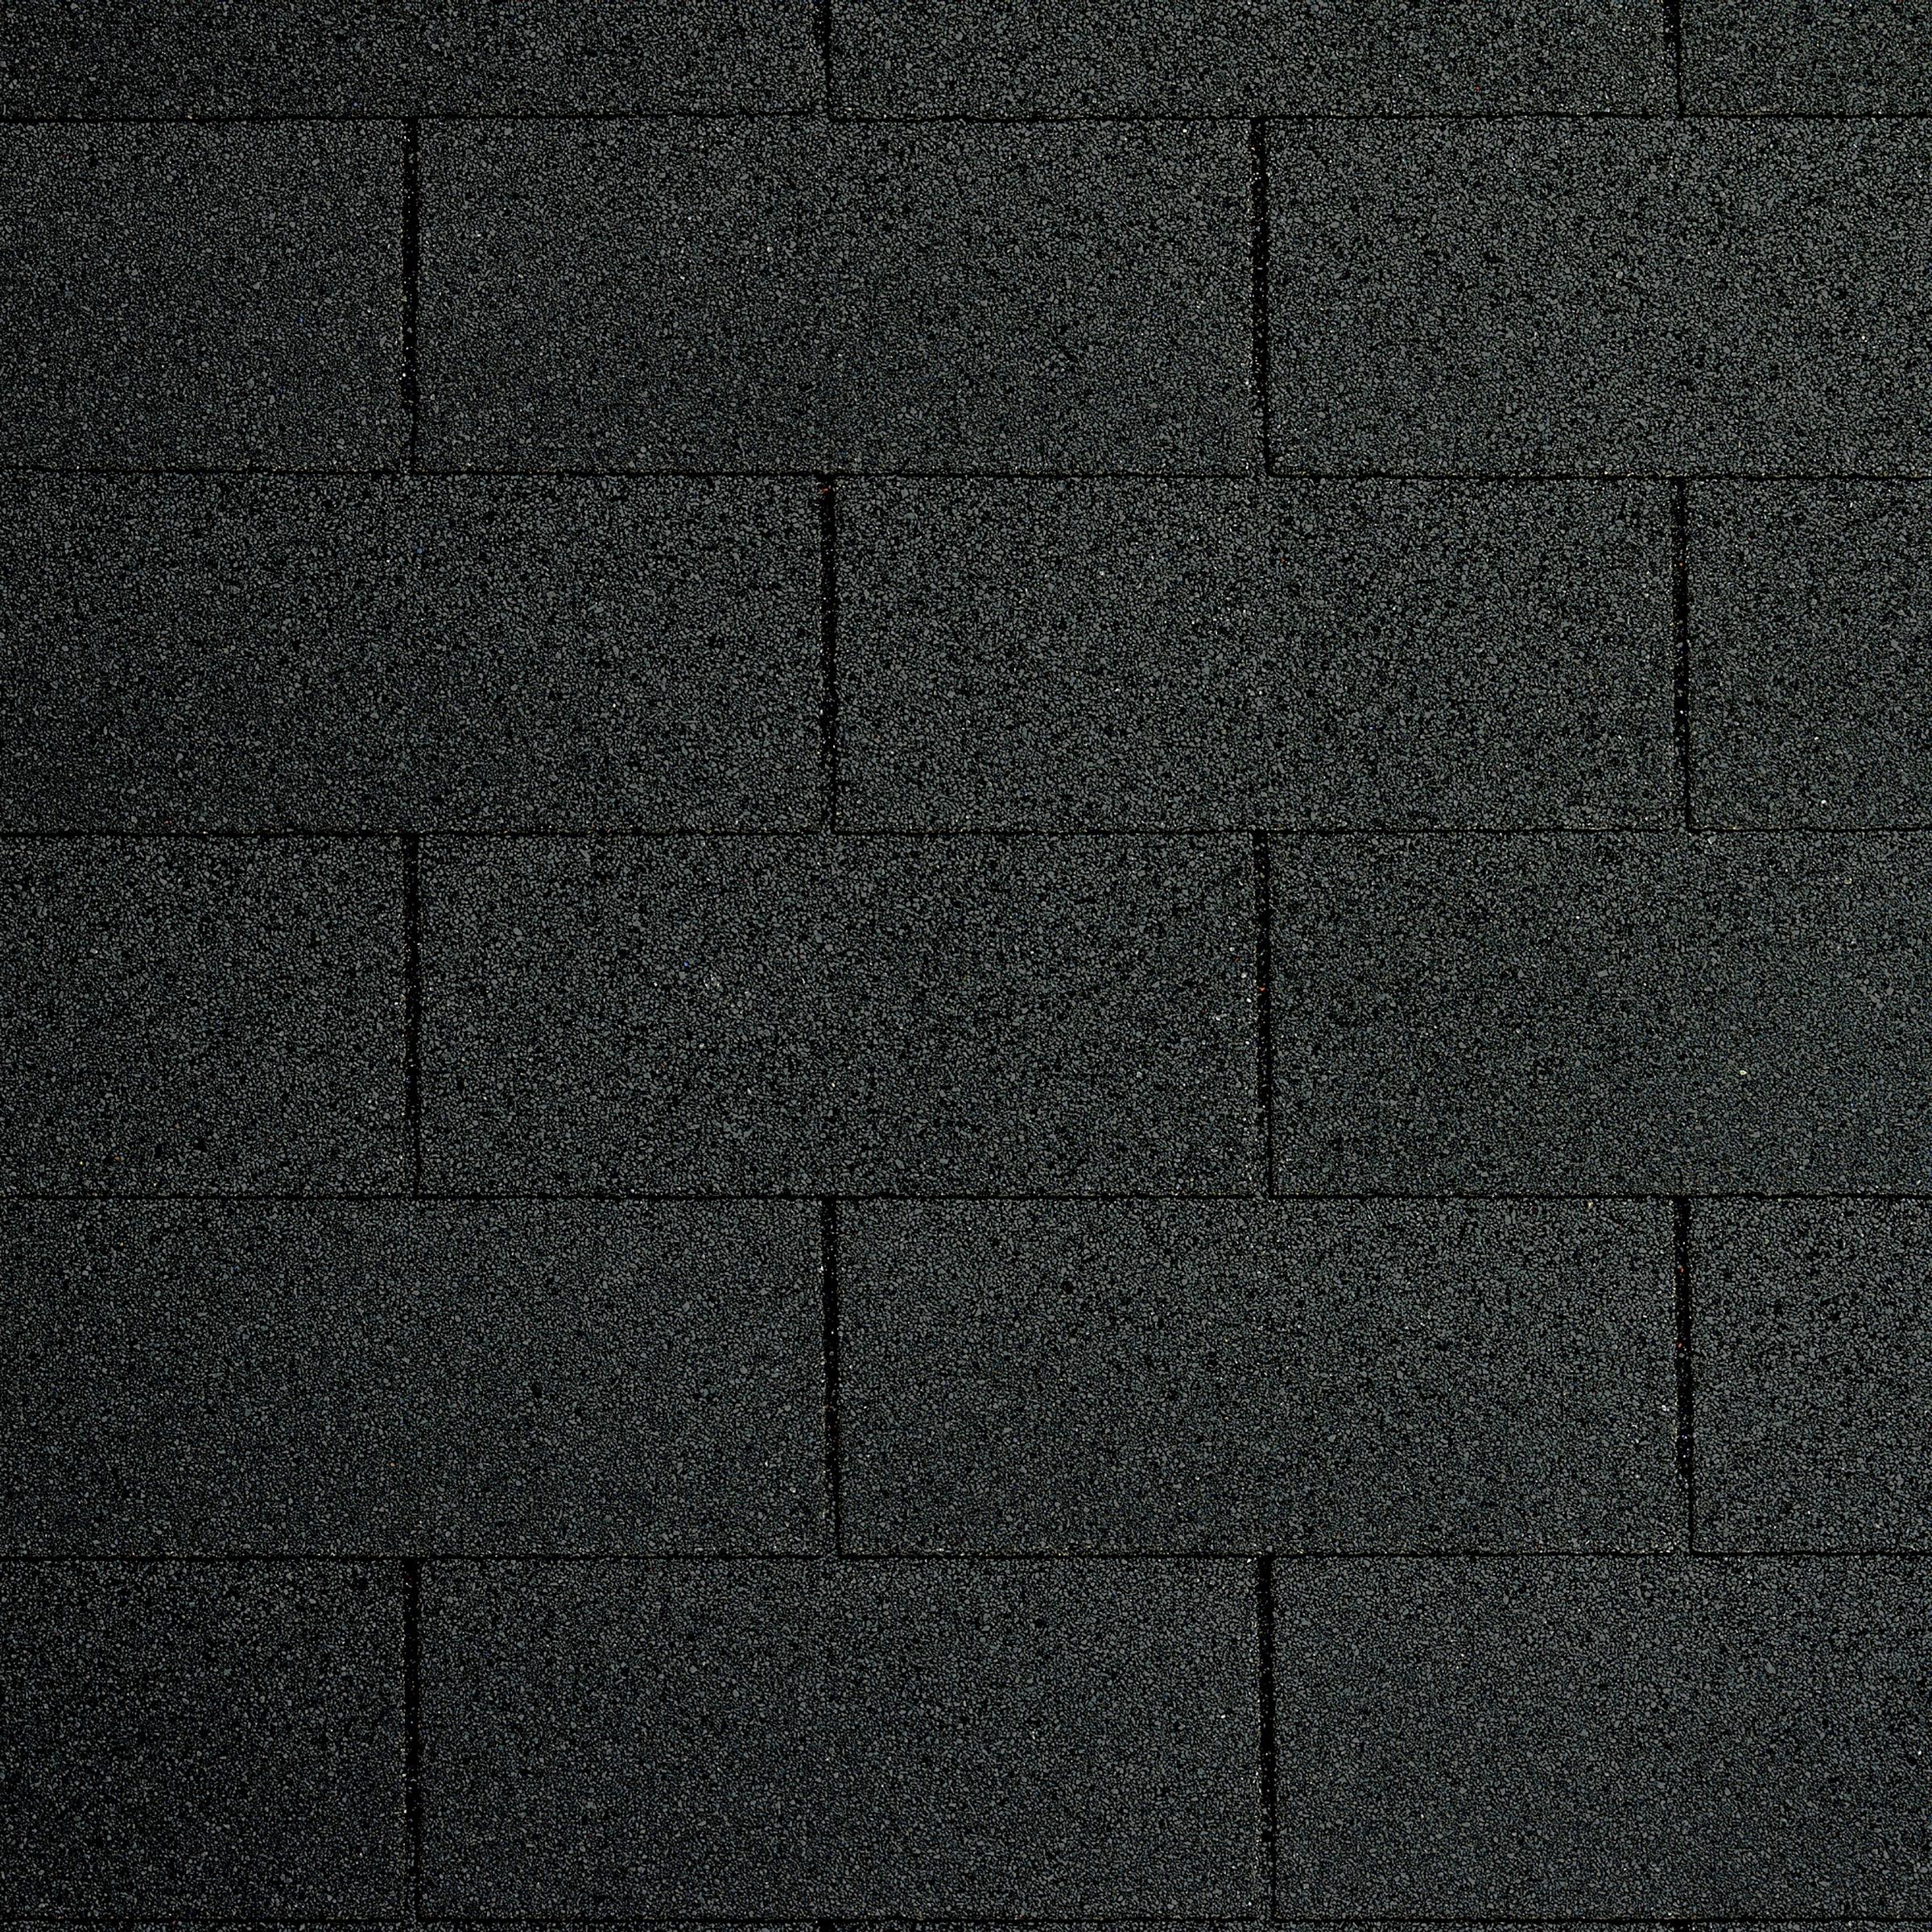 Shingles Zwart - 7 pakken voor 21m2 incl. nagels